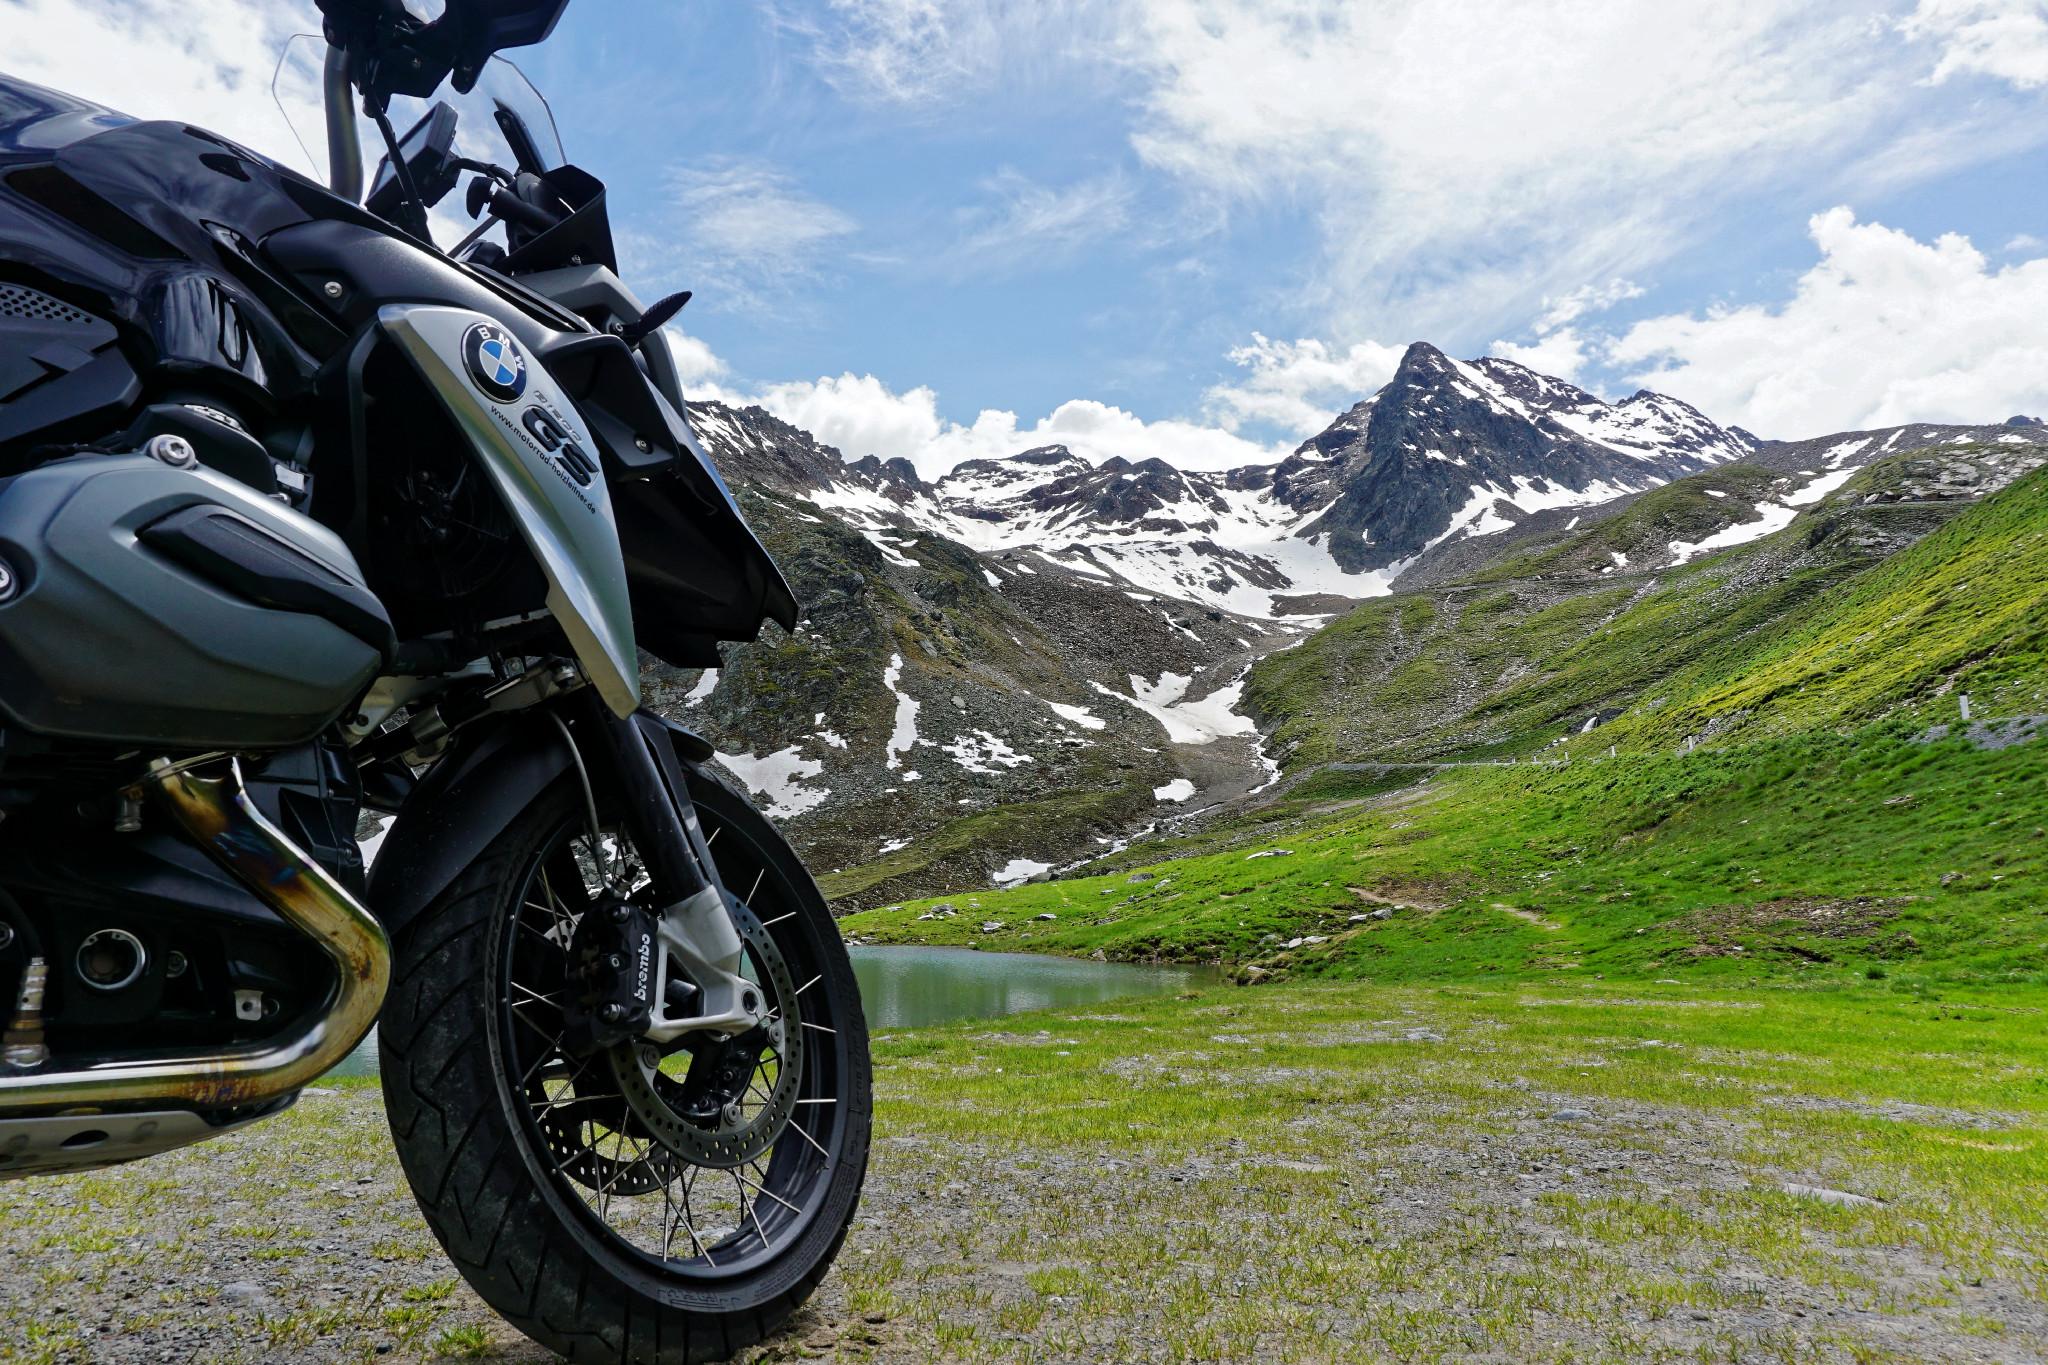 BMW R1200GS Gletschertour